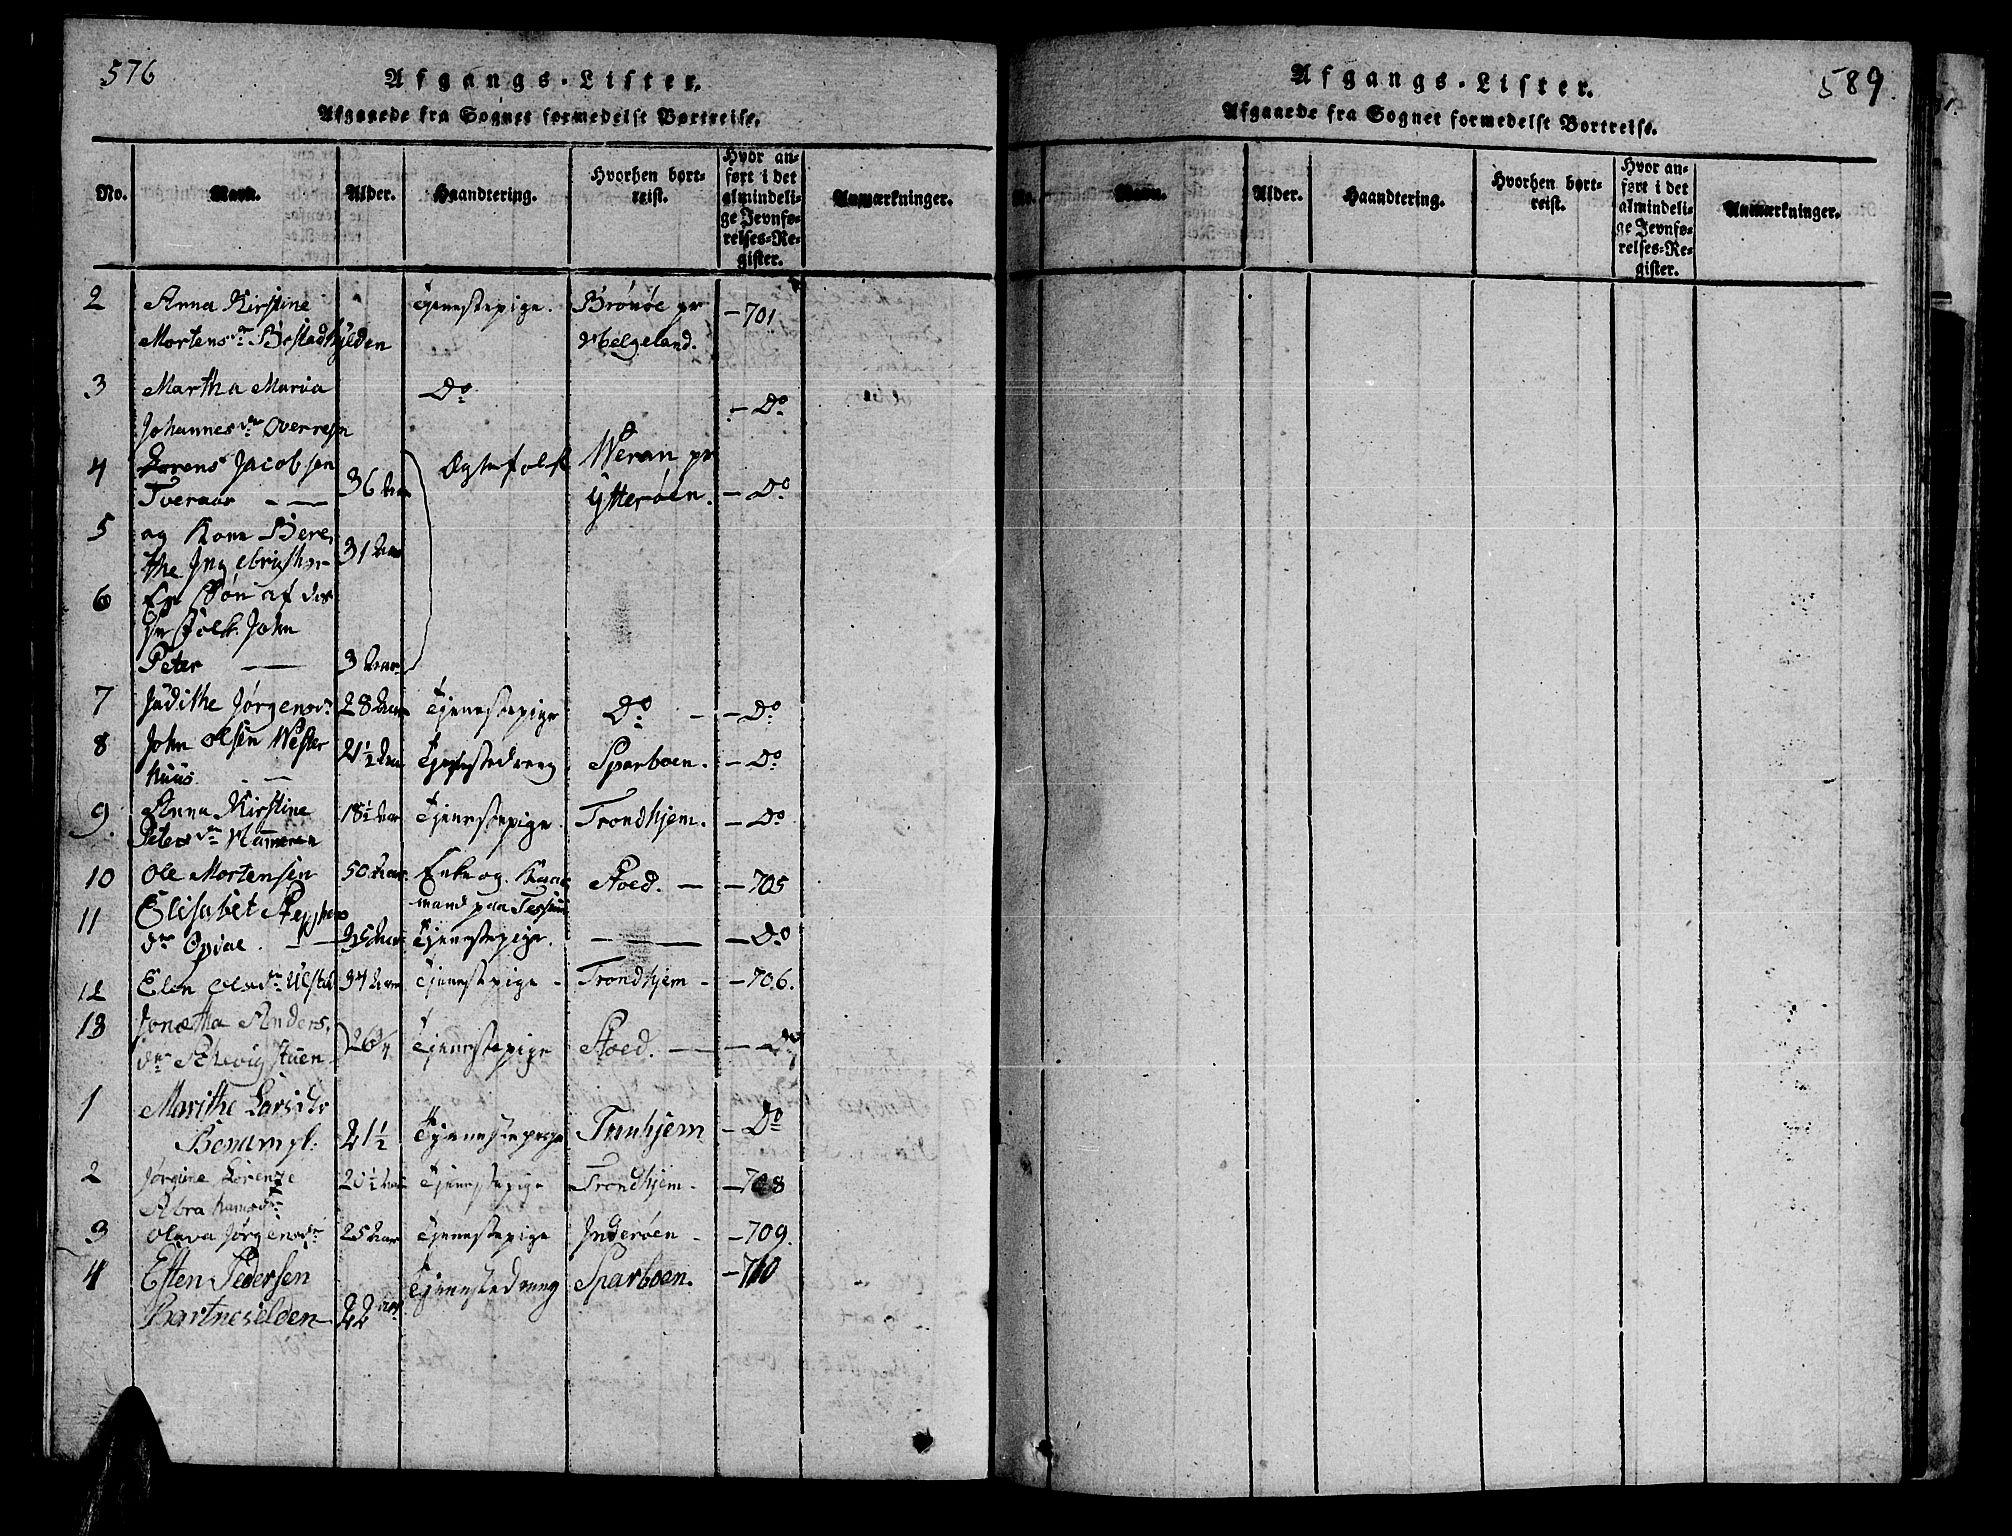 SAT, Ministerialprotokoller, klokkerbøker og fødselsregistre - Nord-Trøndelag, 741/L0400: Klokkerbok nr. 741C01, 1817-1825, s. 576-589